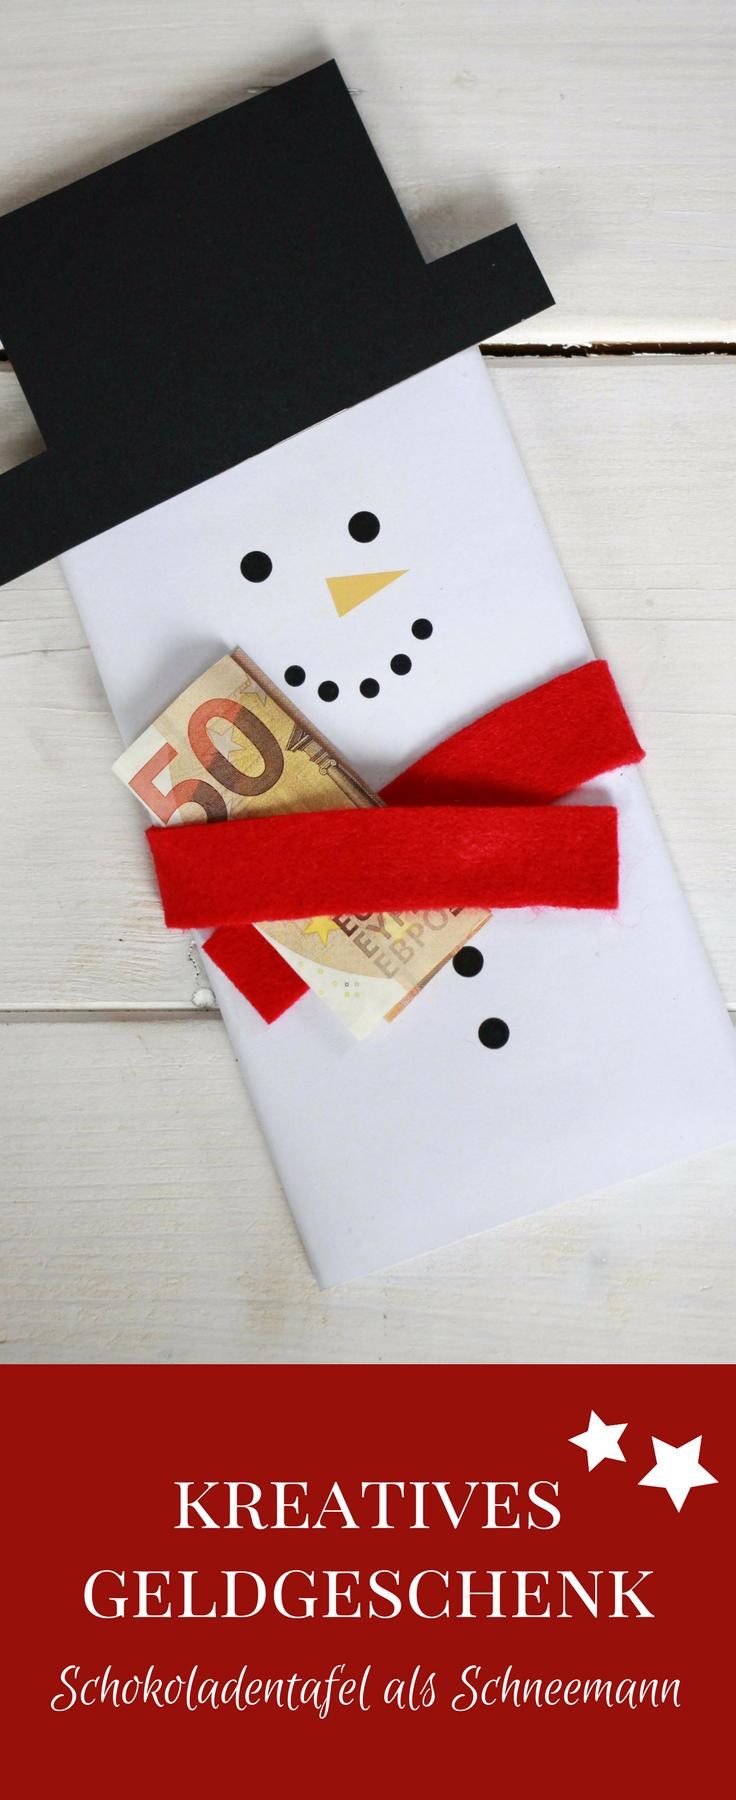 dankesch n geschenk basteln geldgeschenke weihnachten kreativ verpacken kipr b land. Black Bedroom Furniture Sets. Home Design Ideas